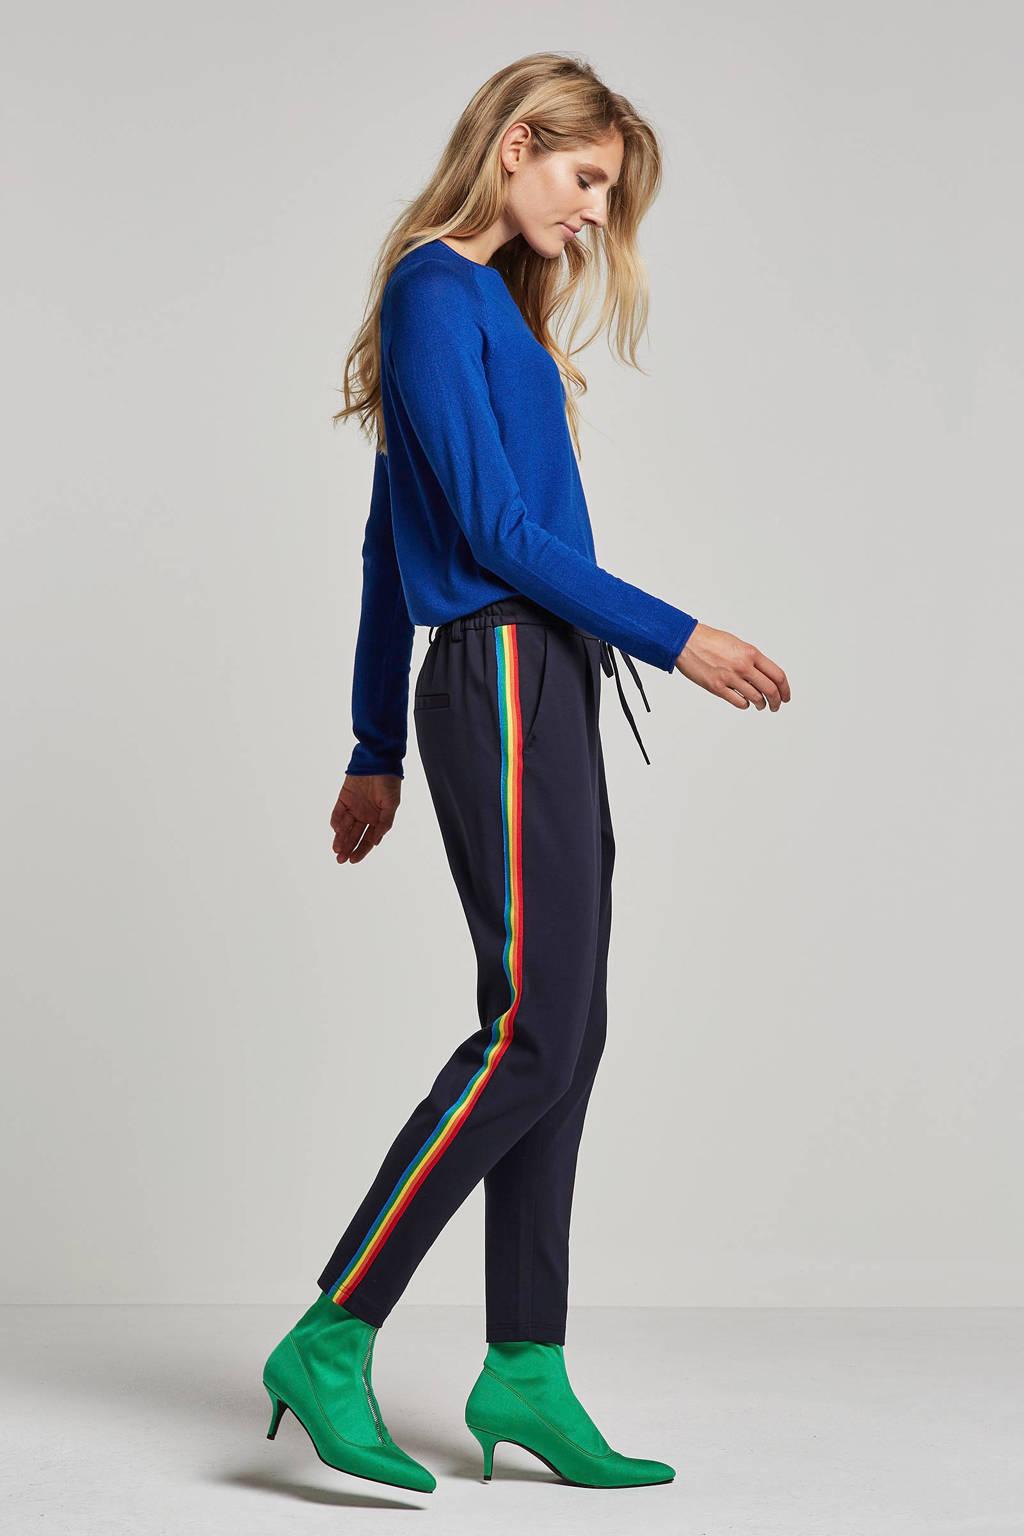 cf59f4ed0b184d ONLY broek met zijstrepen, donkerblauw/rood/geel/groen